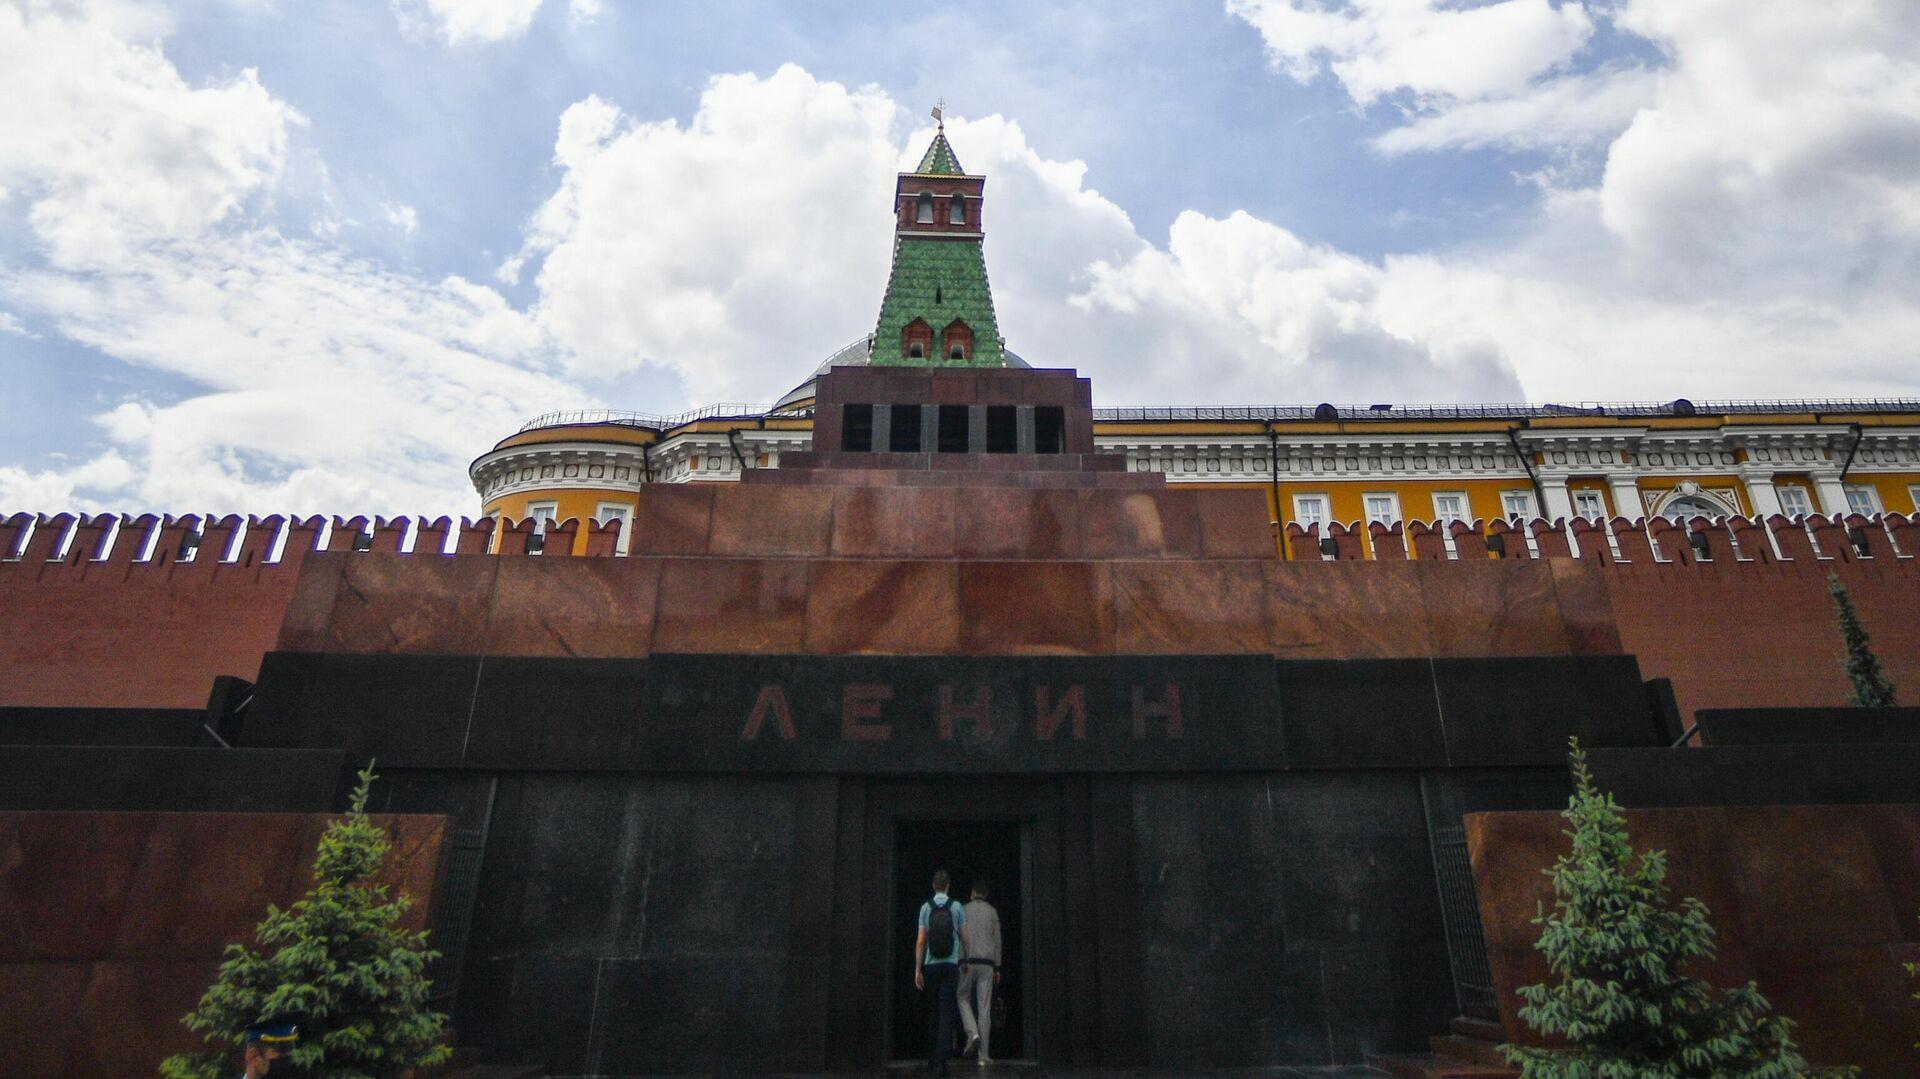 Посетители заходят в Мавзолей В. И. Ленина на Красной площади в Москве - РИА Новости, 1920, 12.09.2020